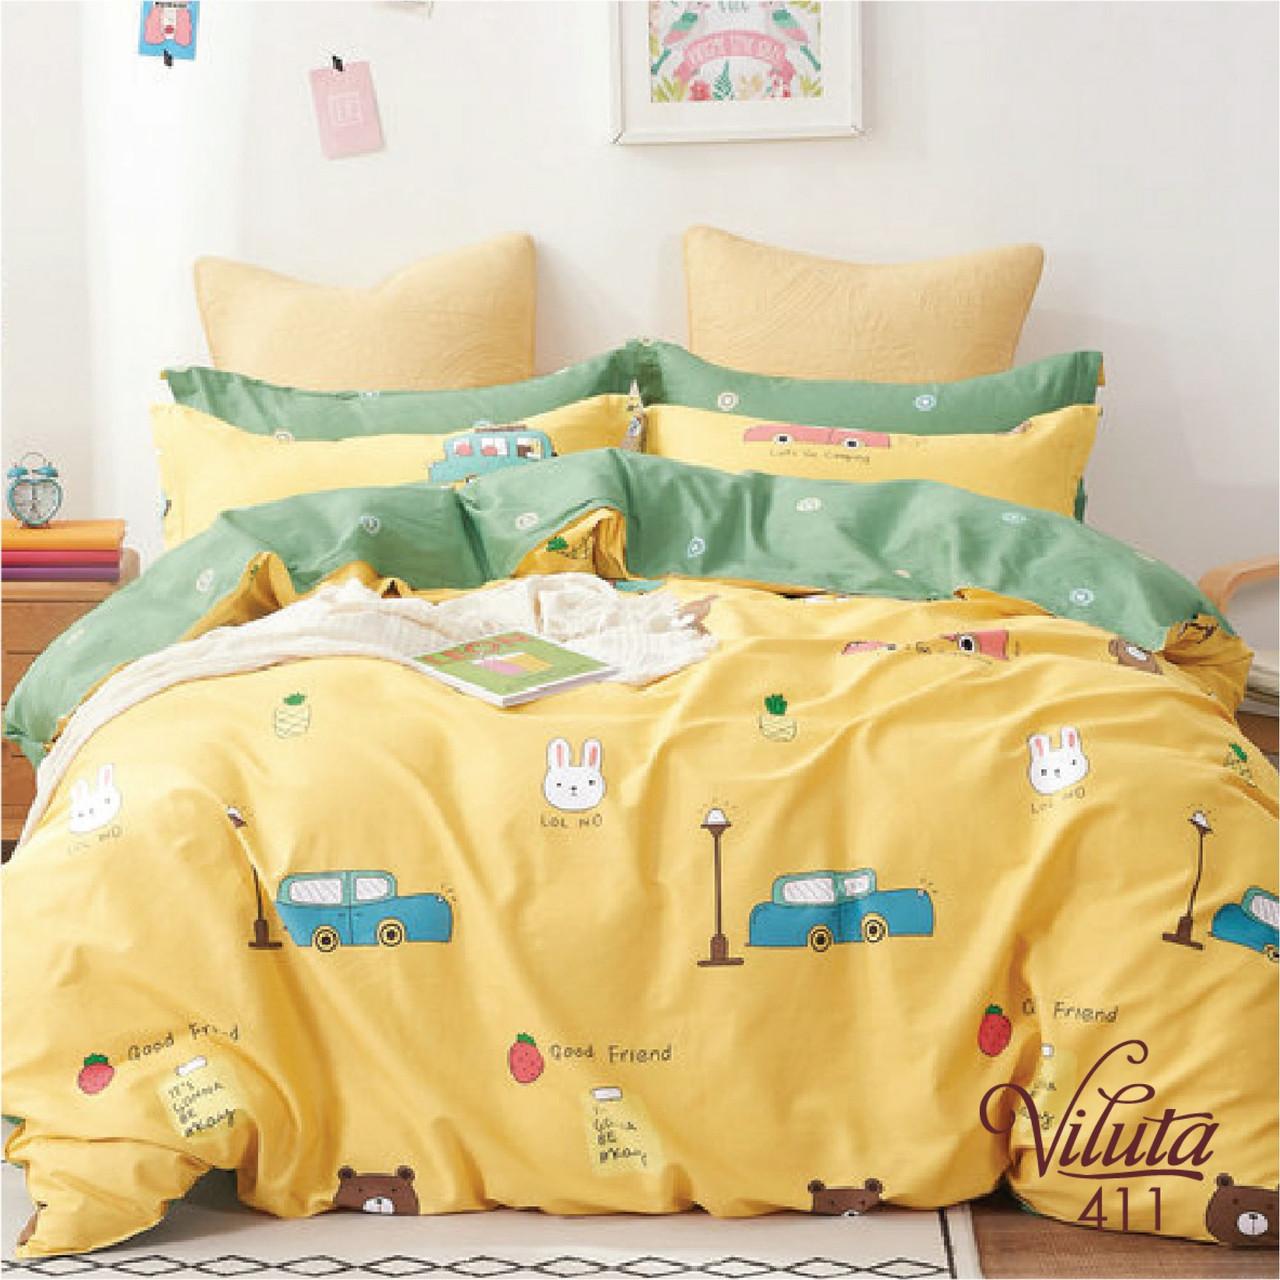 Постельное белье в детскую кроватку Viluta. Сатин 411